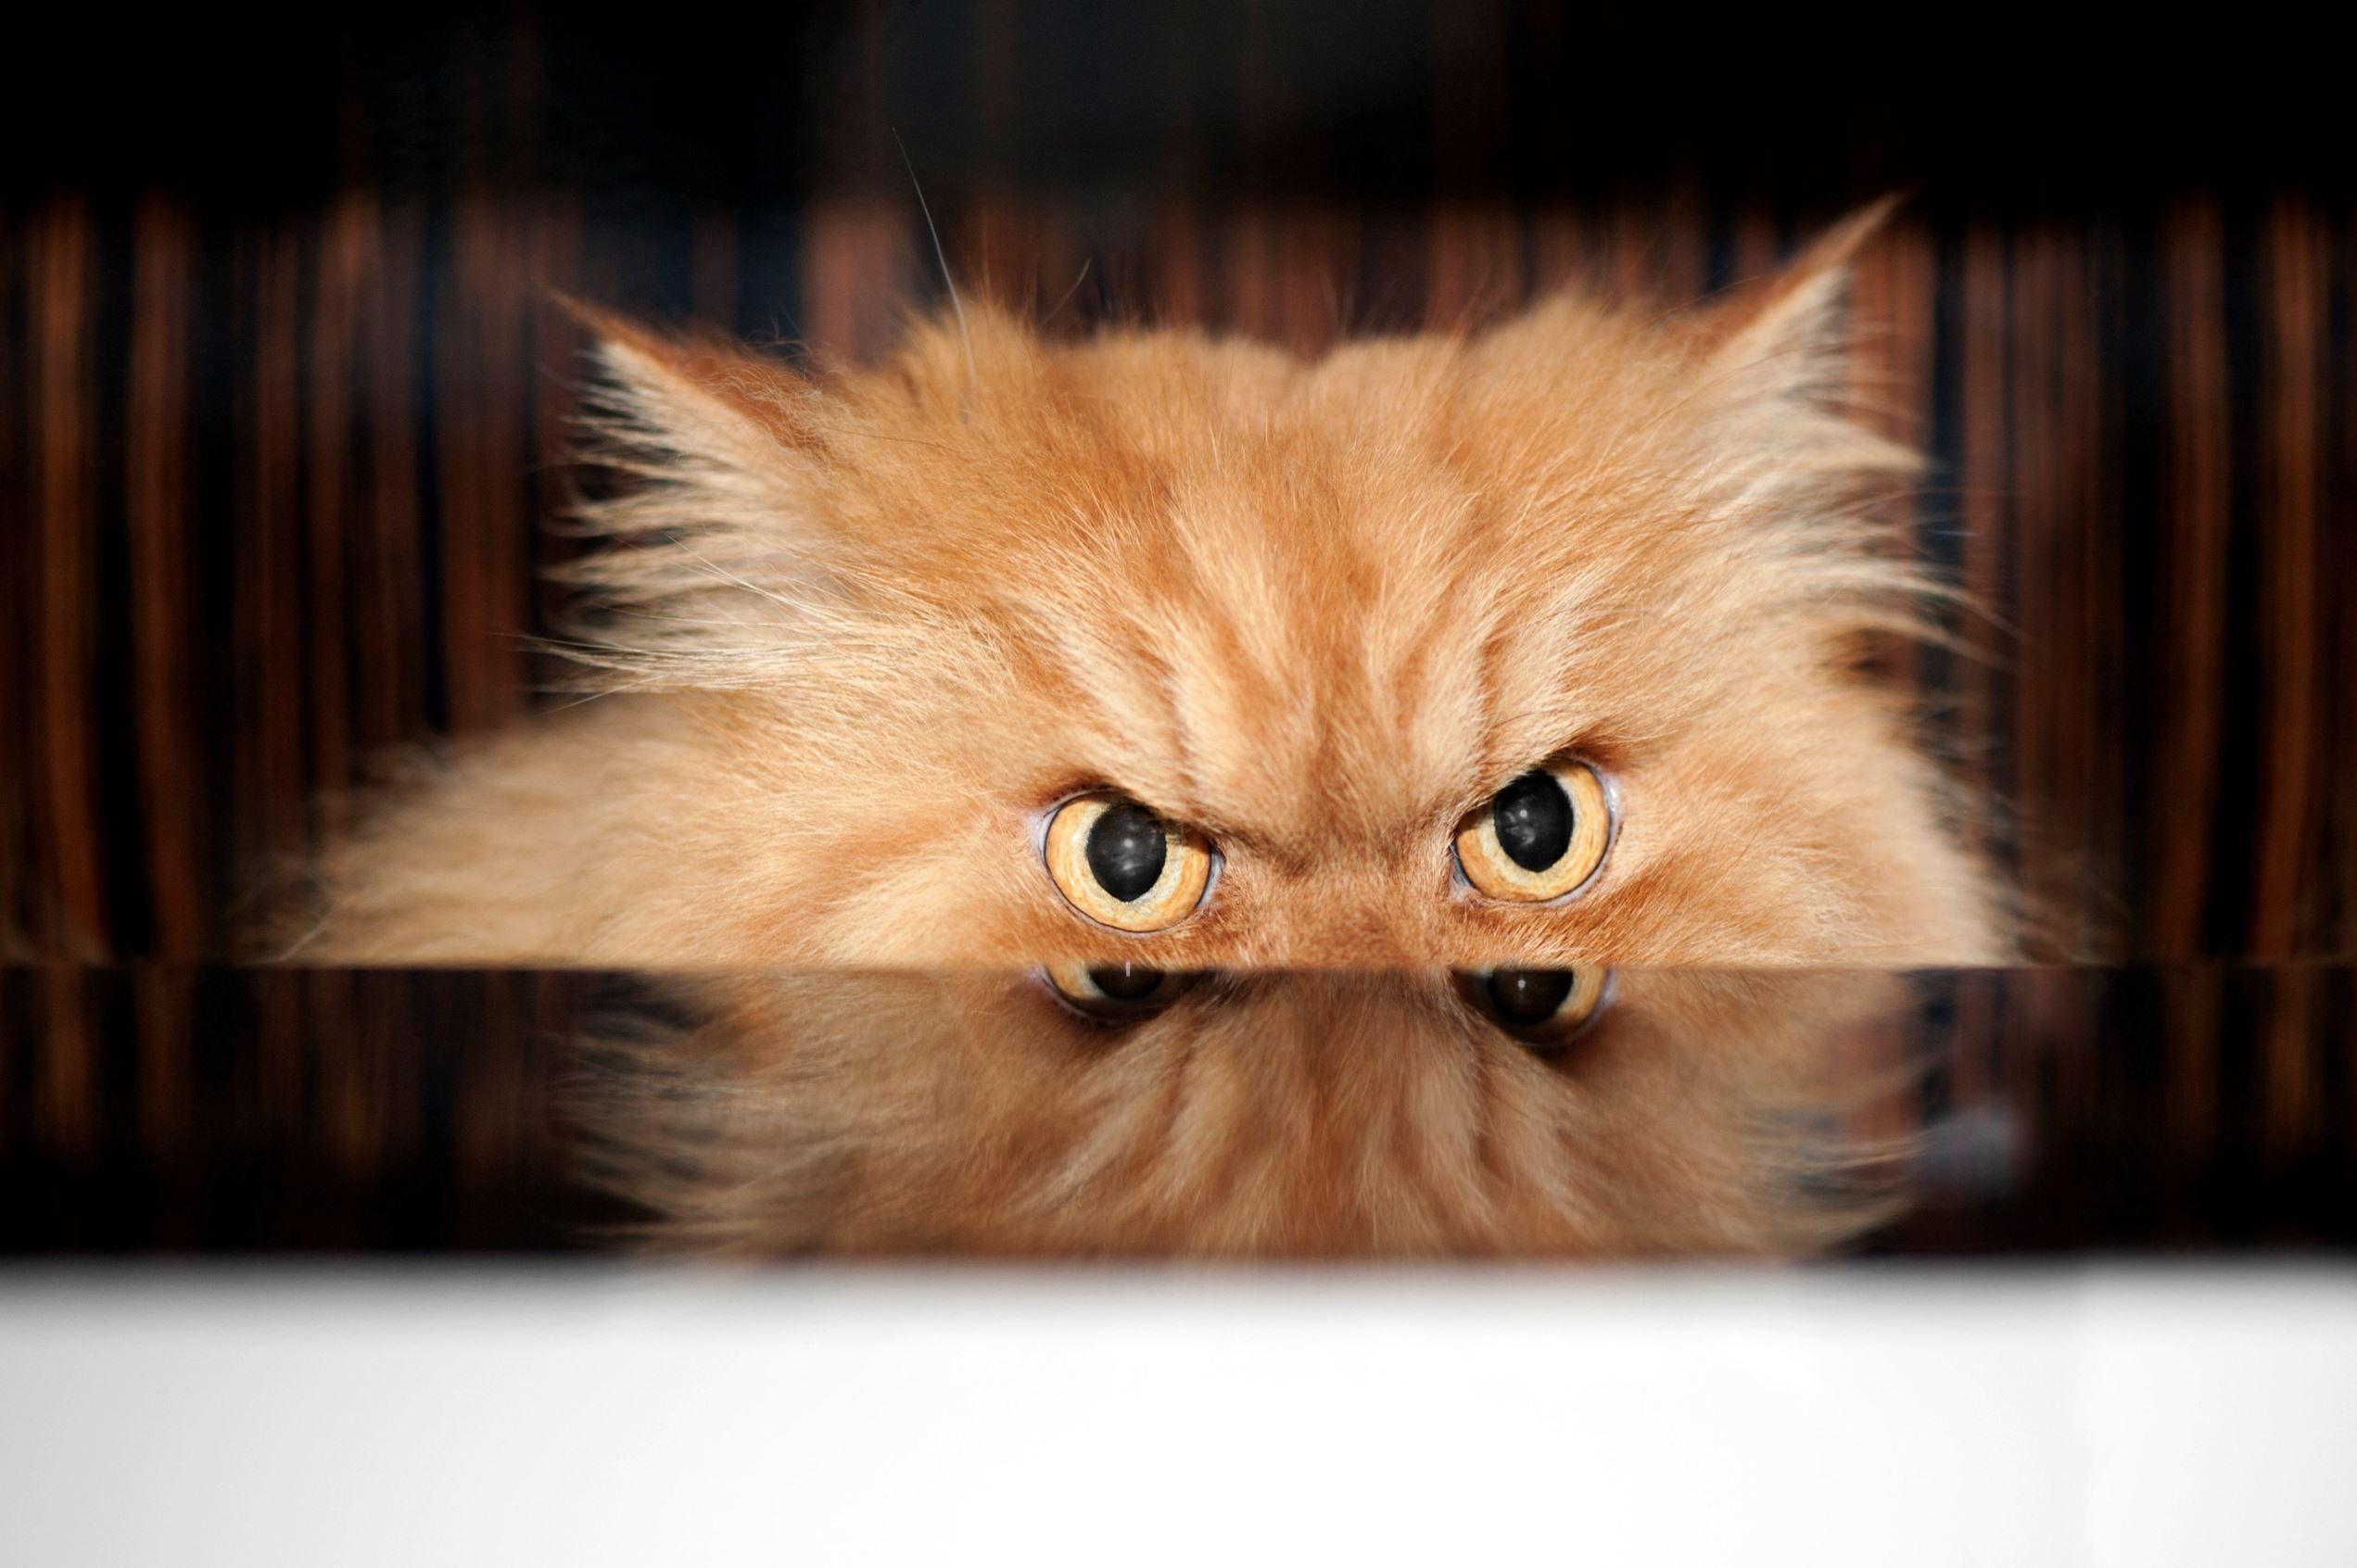 Картинки, злой кот прикольная картинка